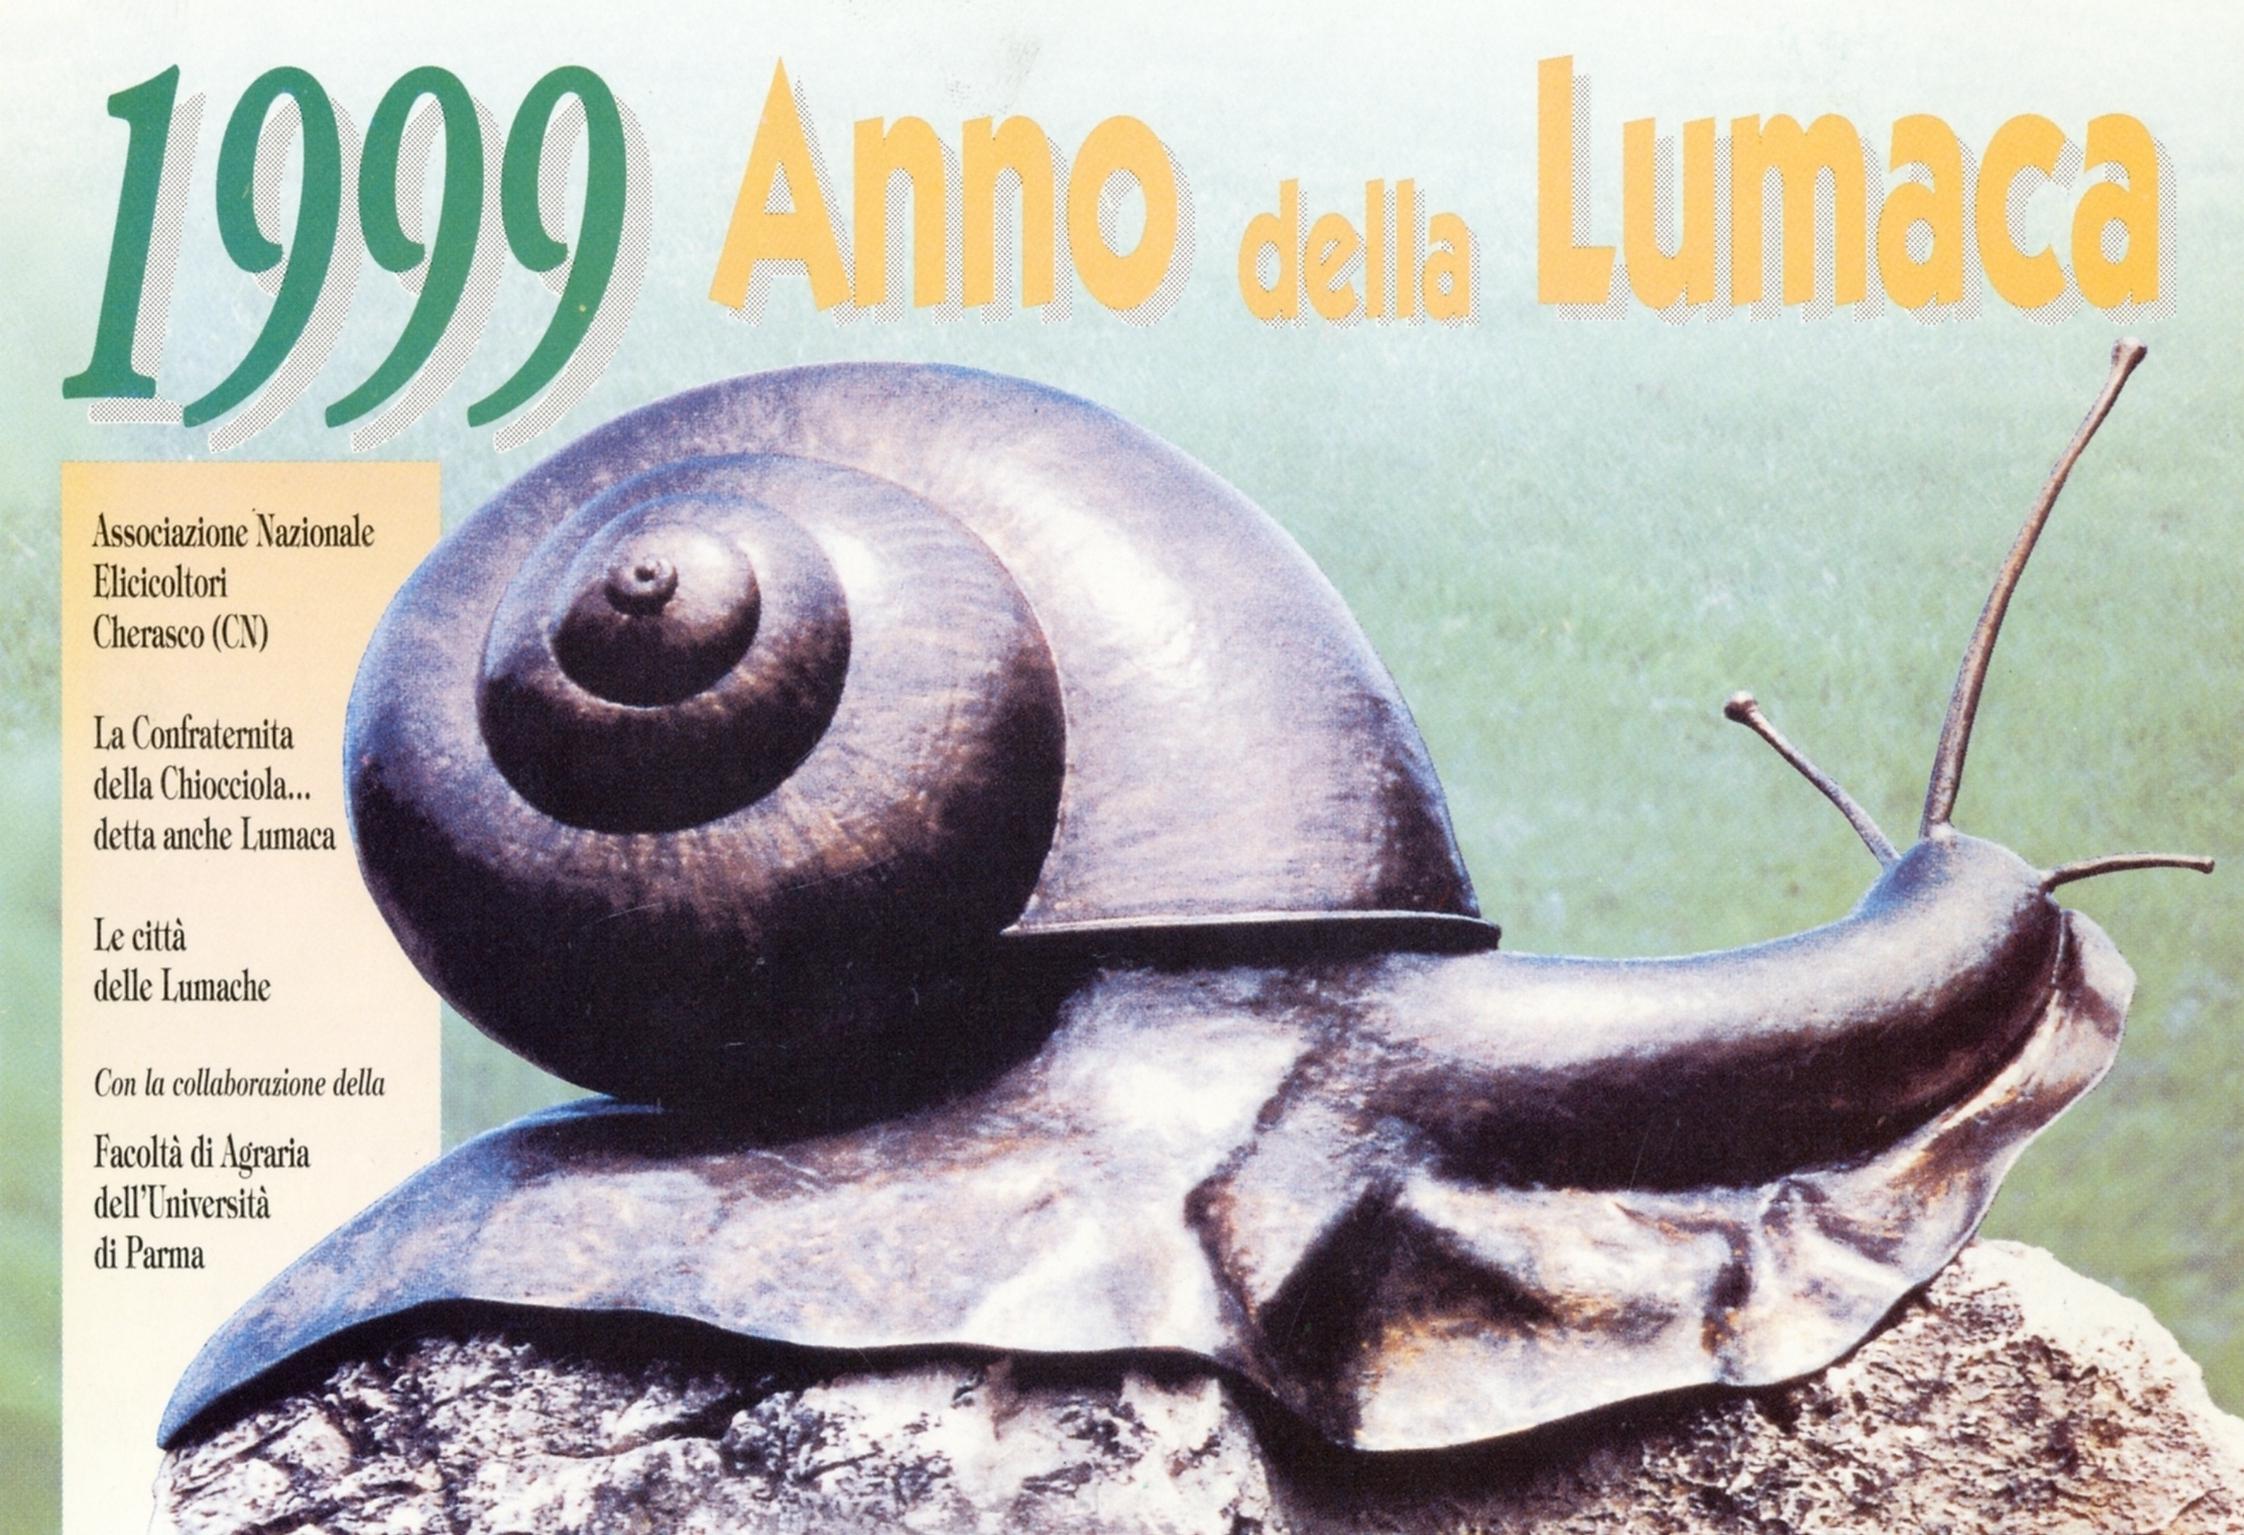 """1999 - Cartolina """"1999 Anno della Lumaca"""""""